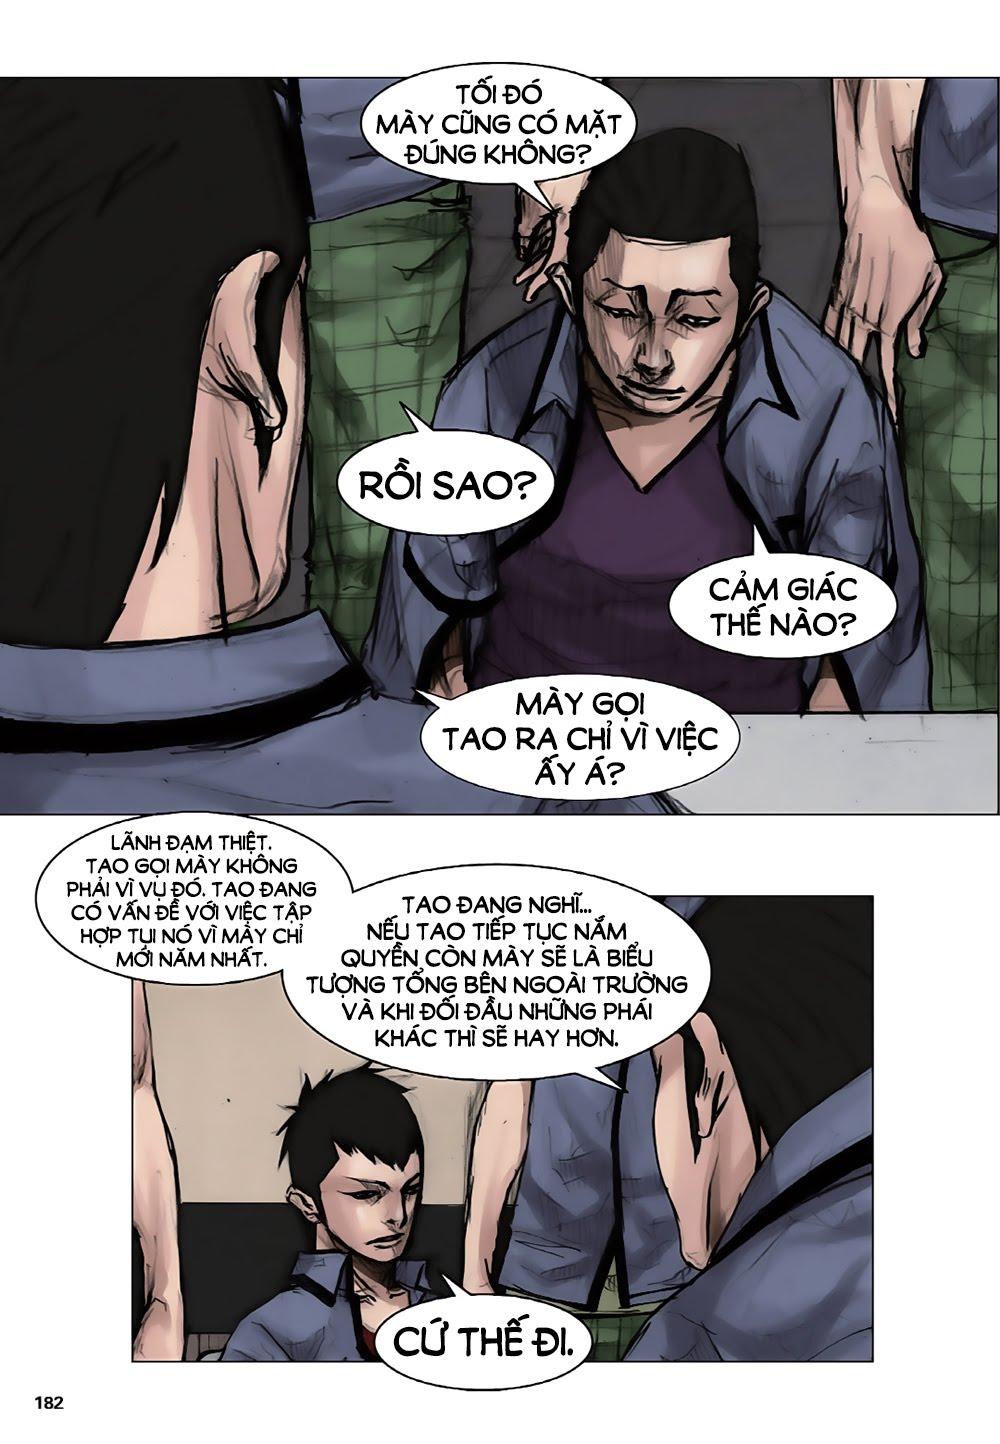 Tong phần 1-13 trang 28